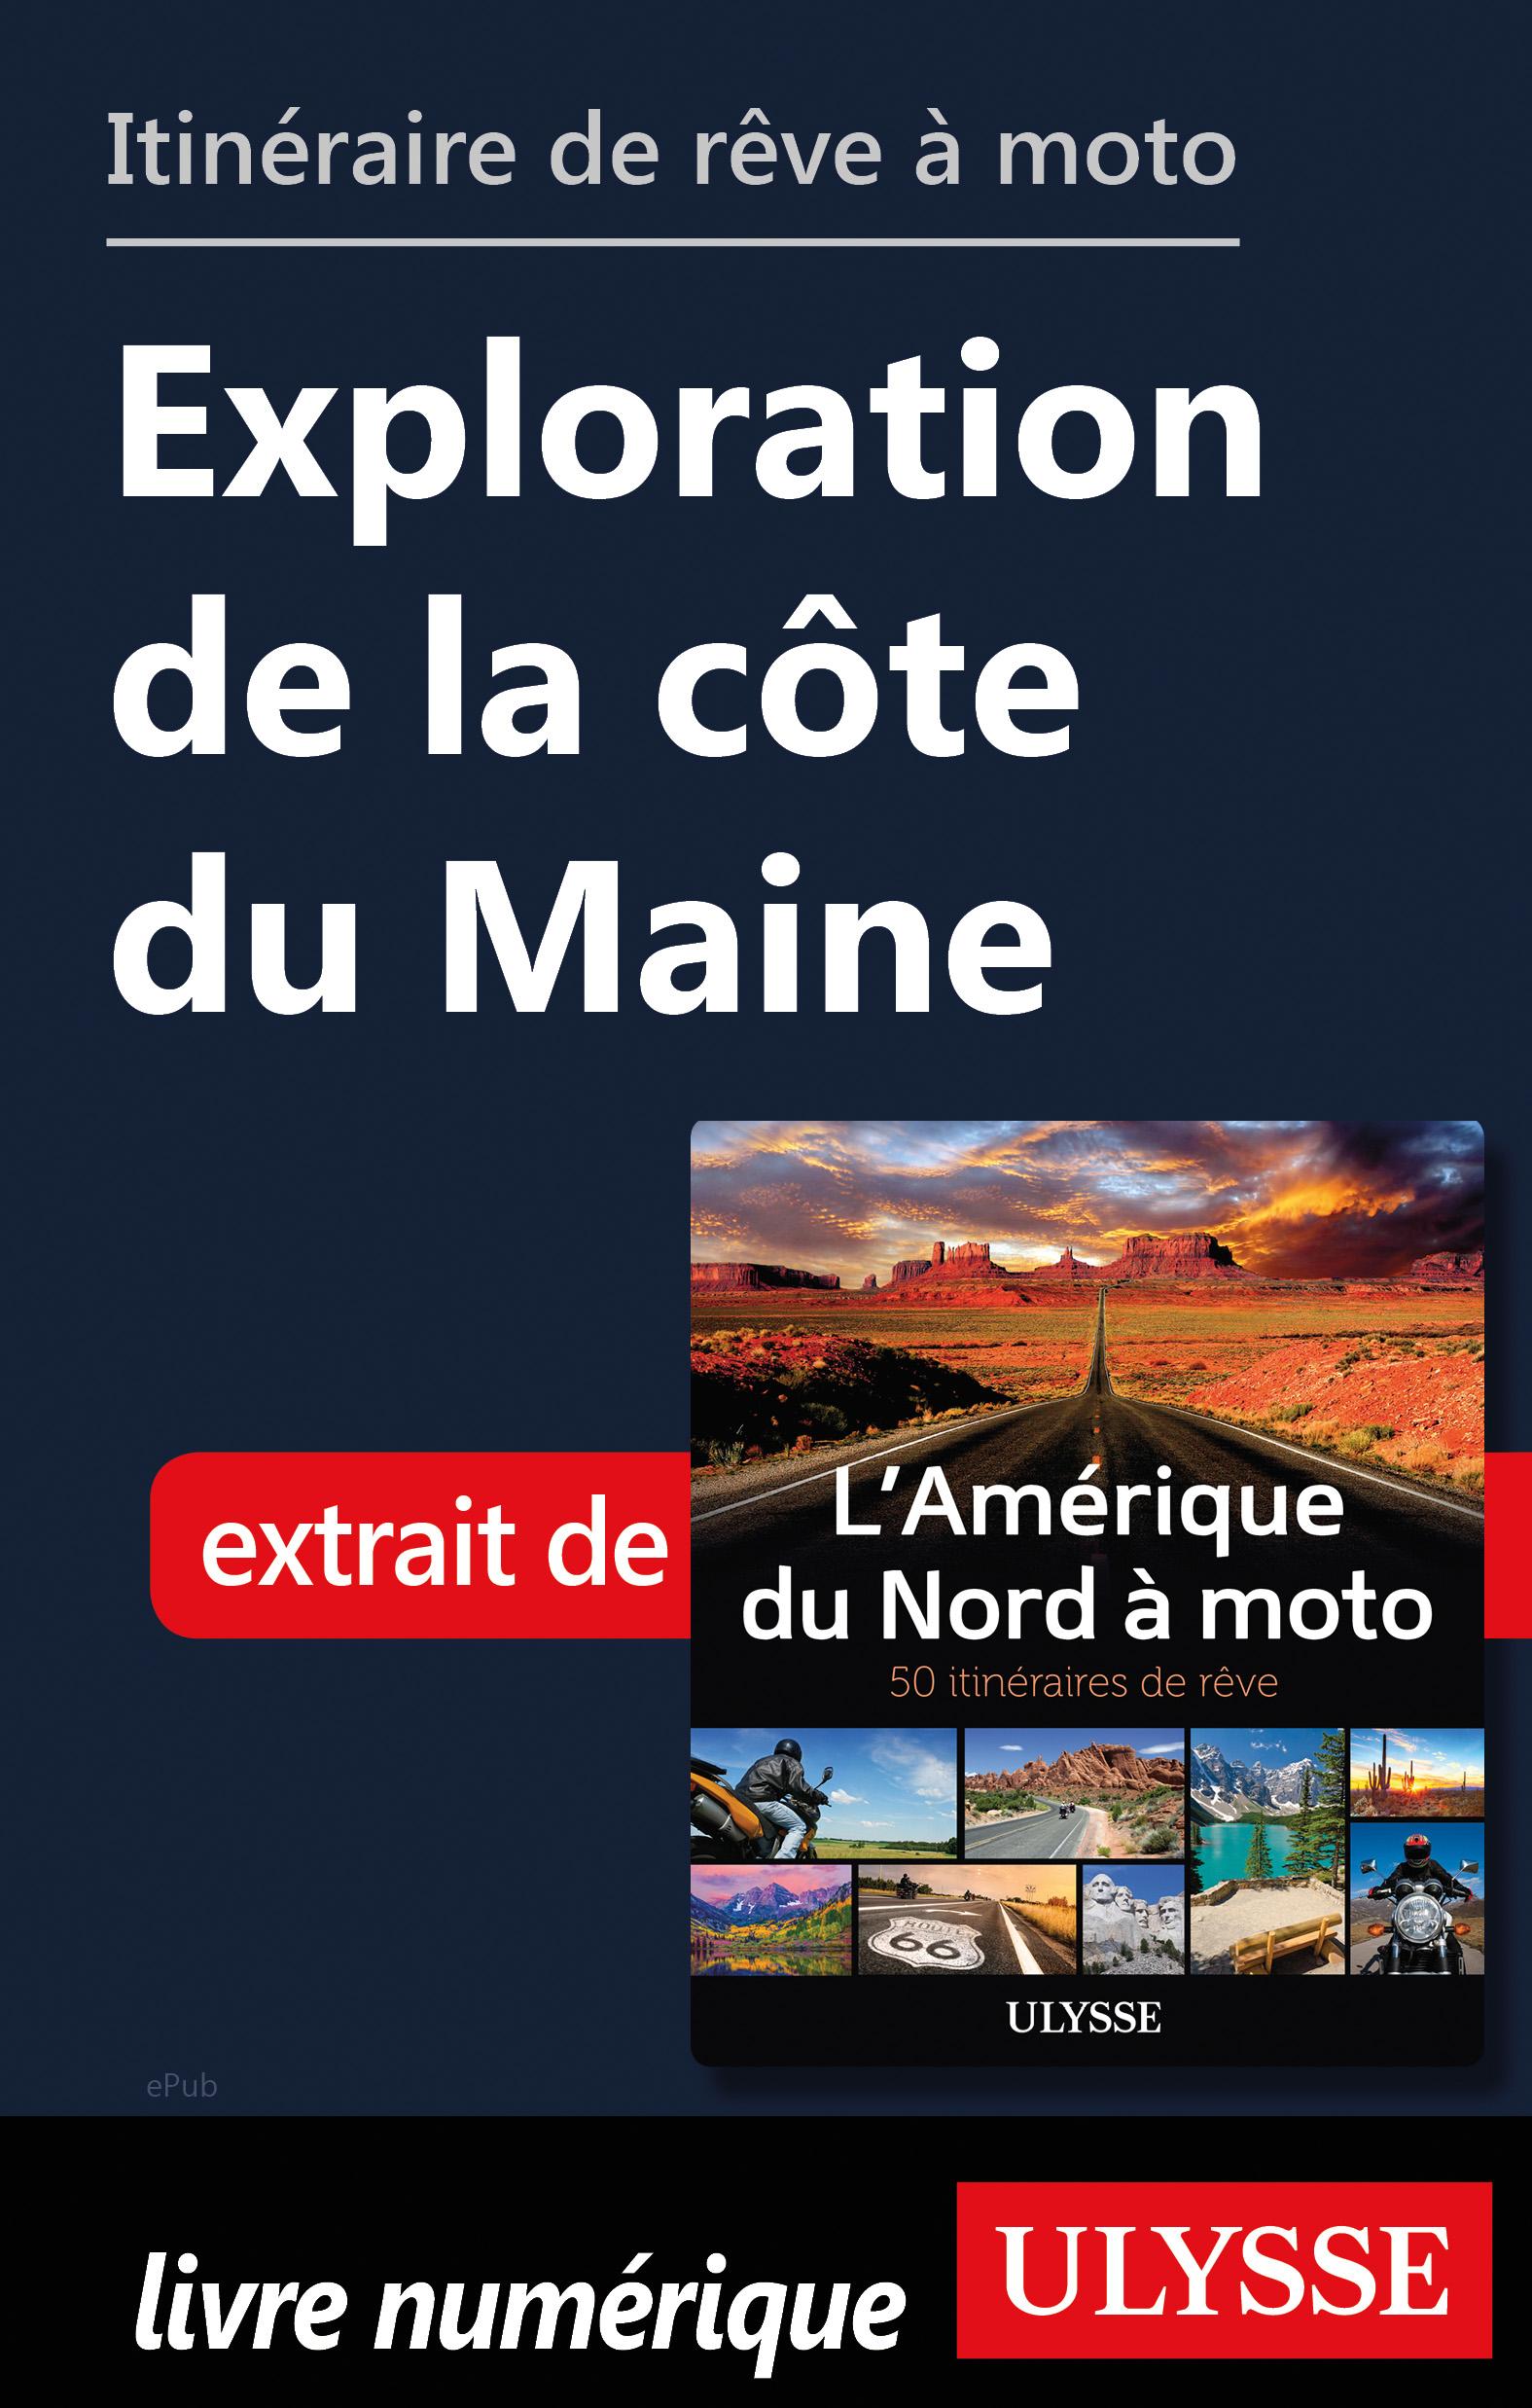 itinéraire de rêve à moto - Exploration de la côte du Maine